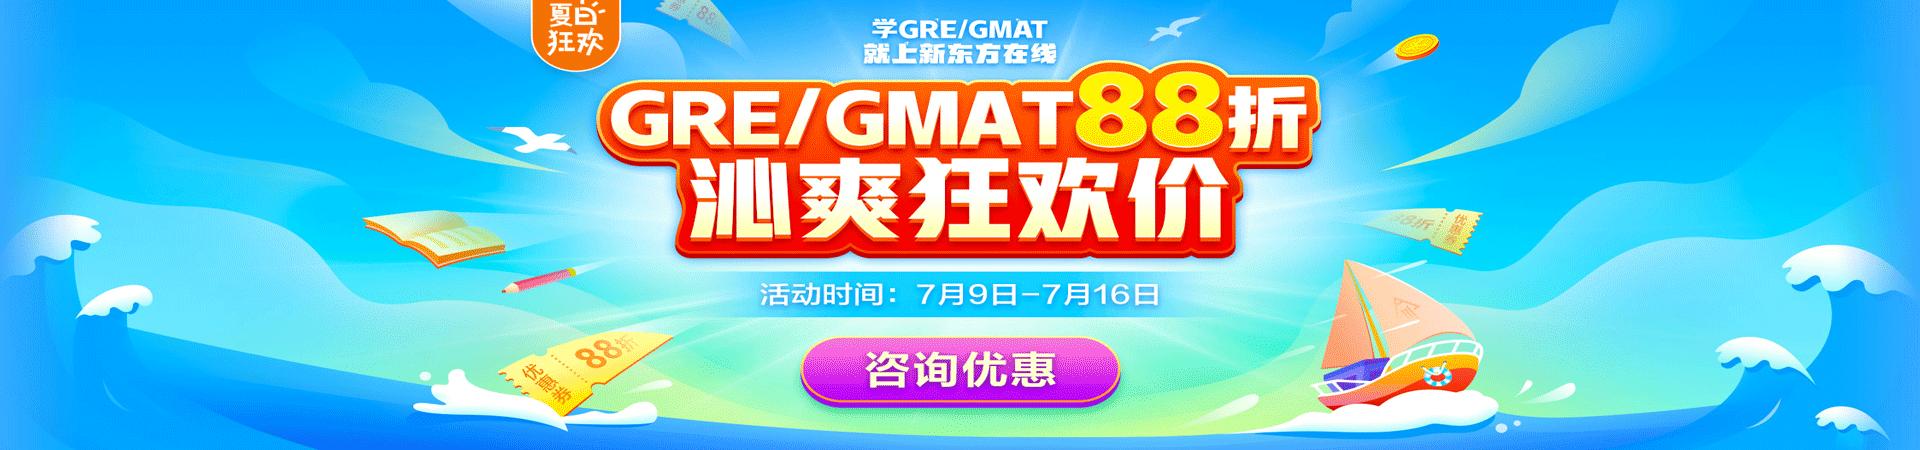 在线GMAT课程辅导